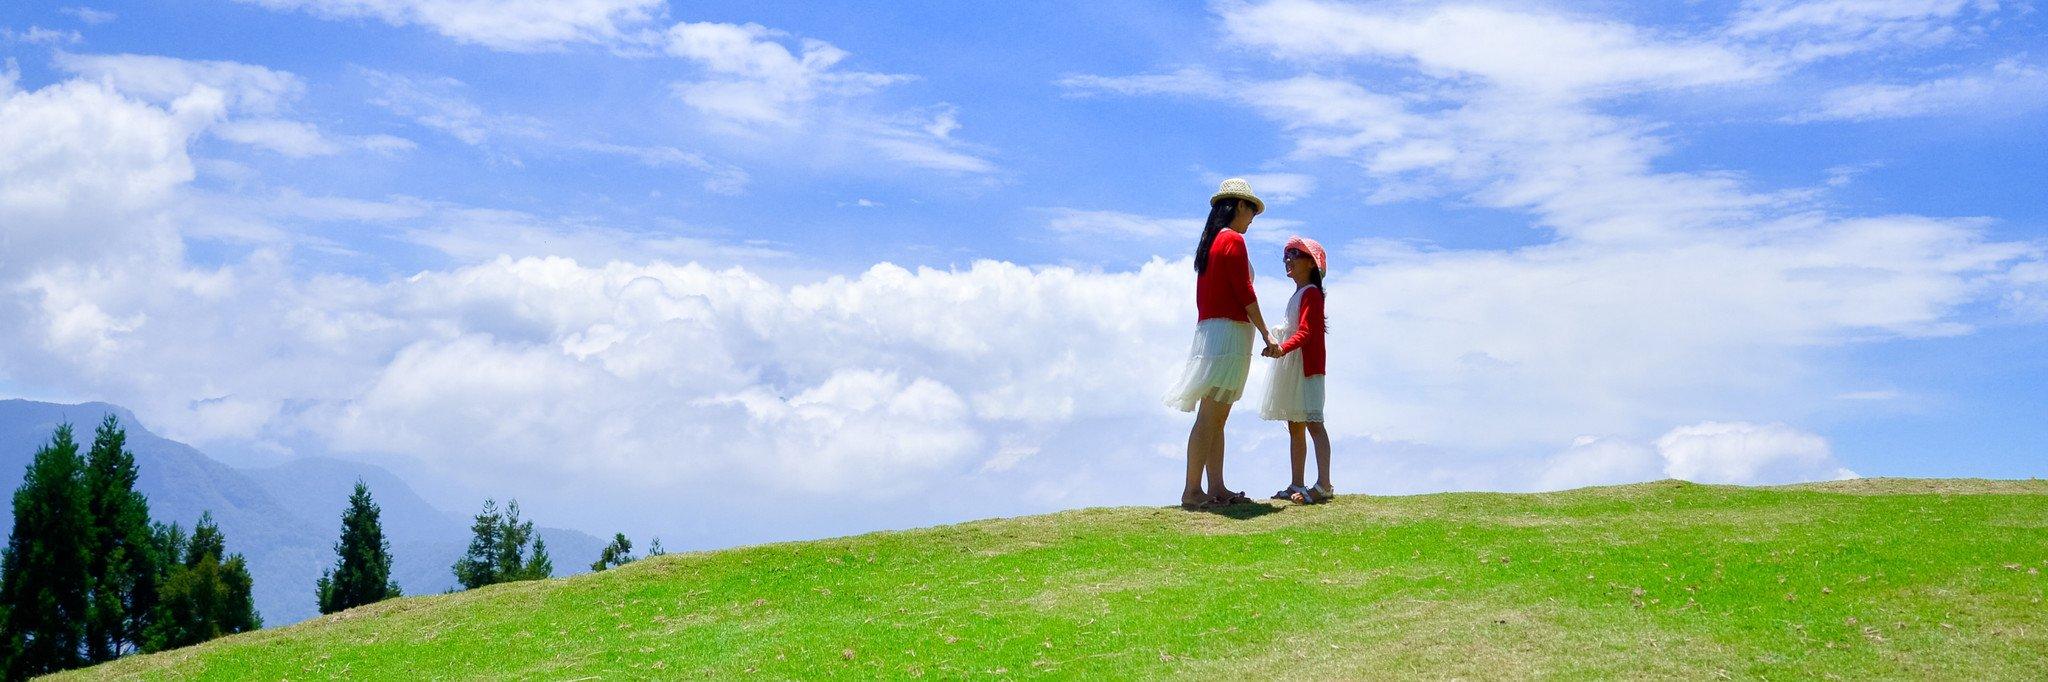 父母和孩子,小清新的台湾游